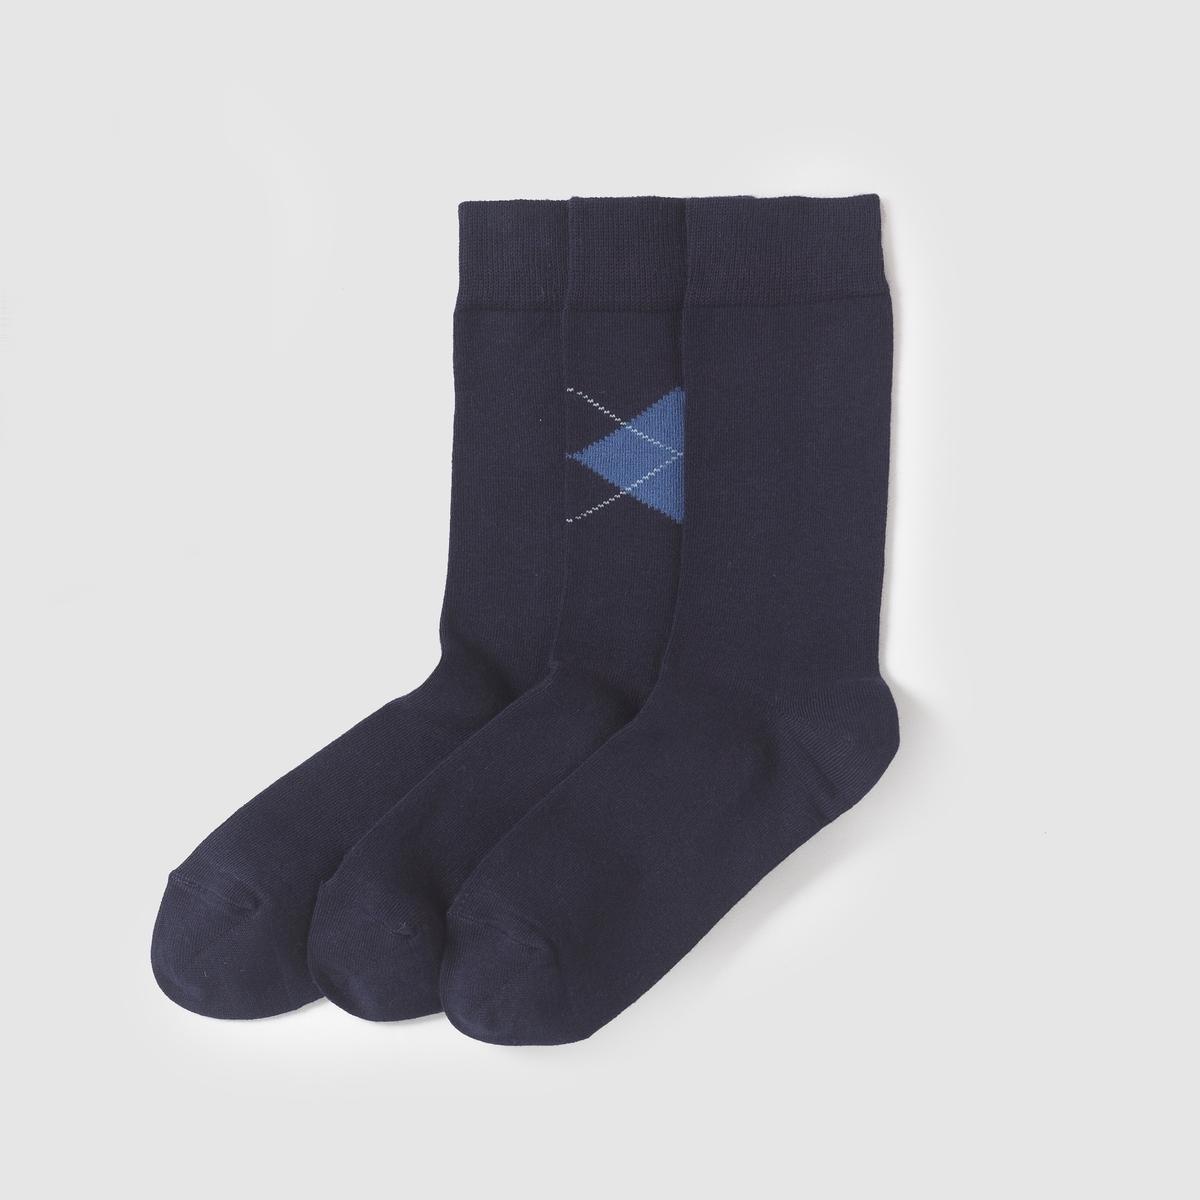 Комплект из 3 пар носков из модалаКомплект из 3 пар мягких носков. носки из хлопка/модала для мягкости, поскольку модал - мягкое целлюлозное волокно с впитывающей способность выше, чем у хлопка. Состав и описаниеМатериал : 40% хлопка, 40% модала, 17% полиамида, 3% эластанаМарка :  R essentiel<br><br>Цвет: антрацит + темно-синий,черный + темно-серый меланж<br>Размер: 39/42